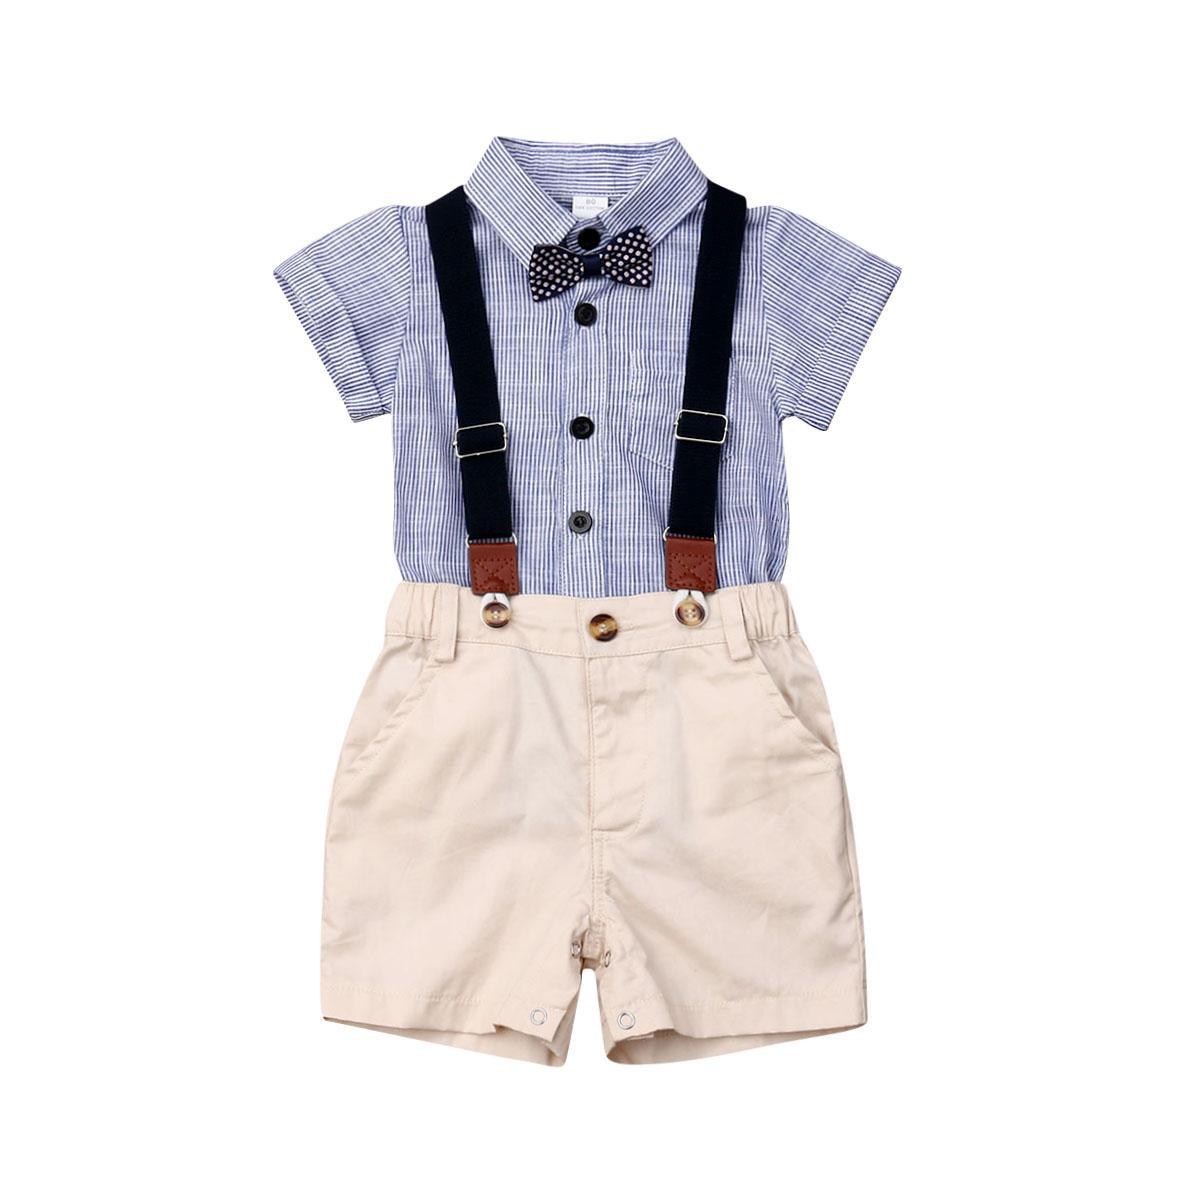 Neugeborenes Baby Kleidung Kurzarm Gestreifte Fliege Strampler Hosenträger Shorts Overalls 2 stücke Sommerkleidung Set